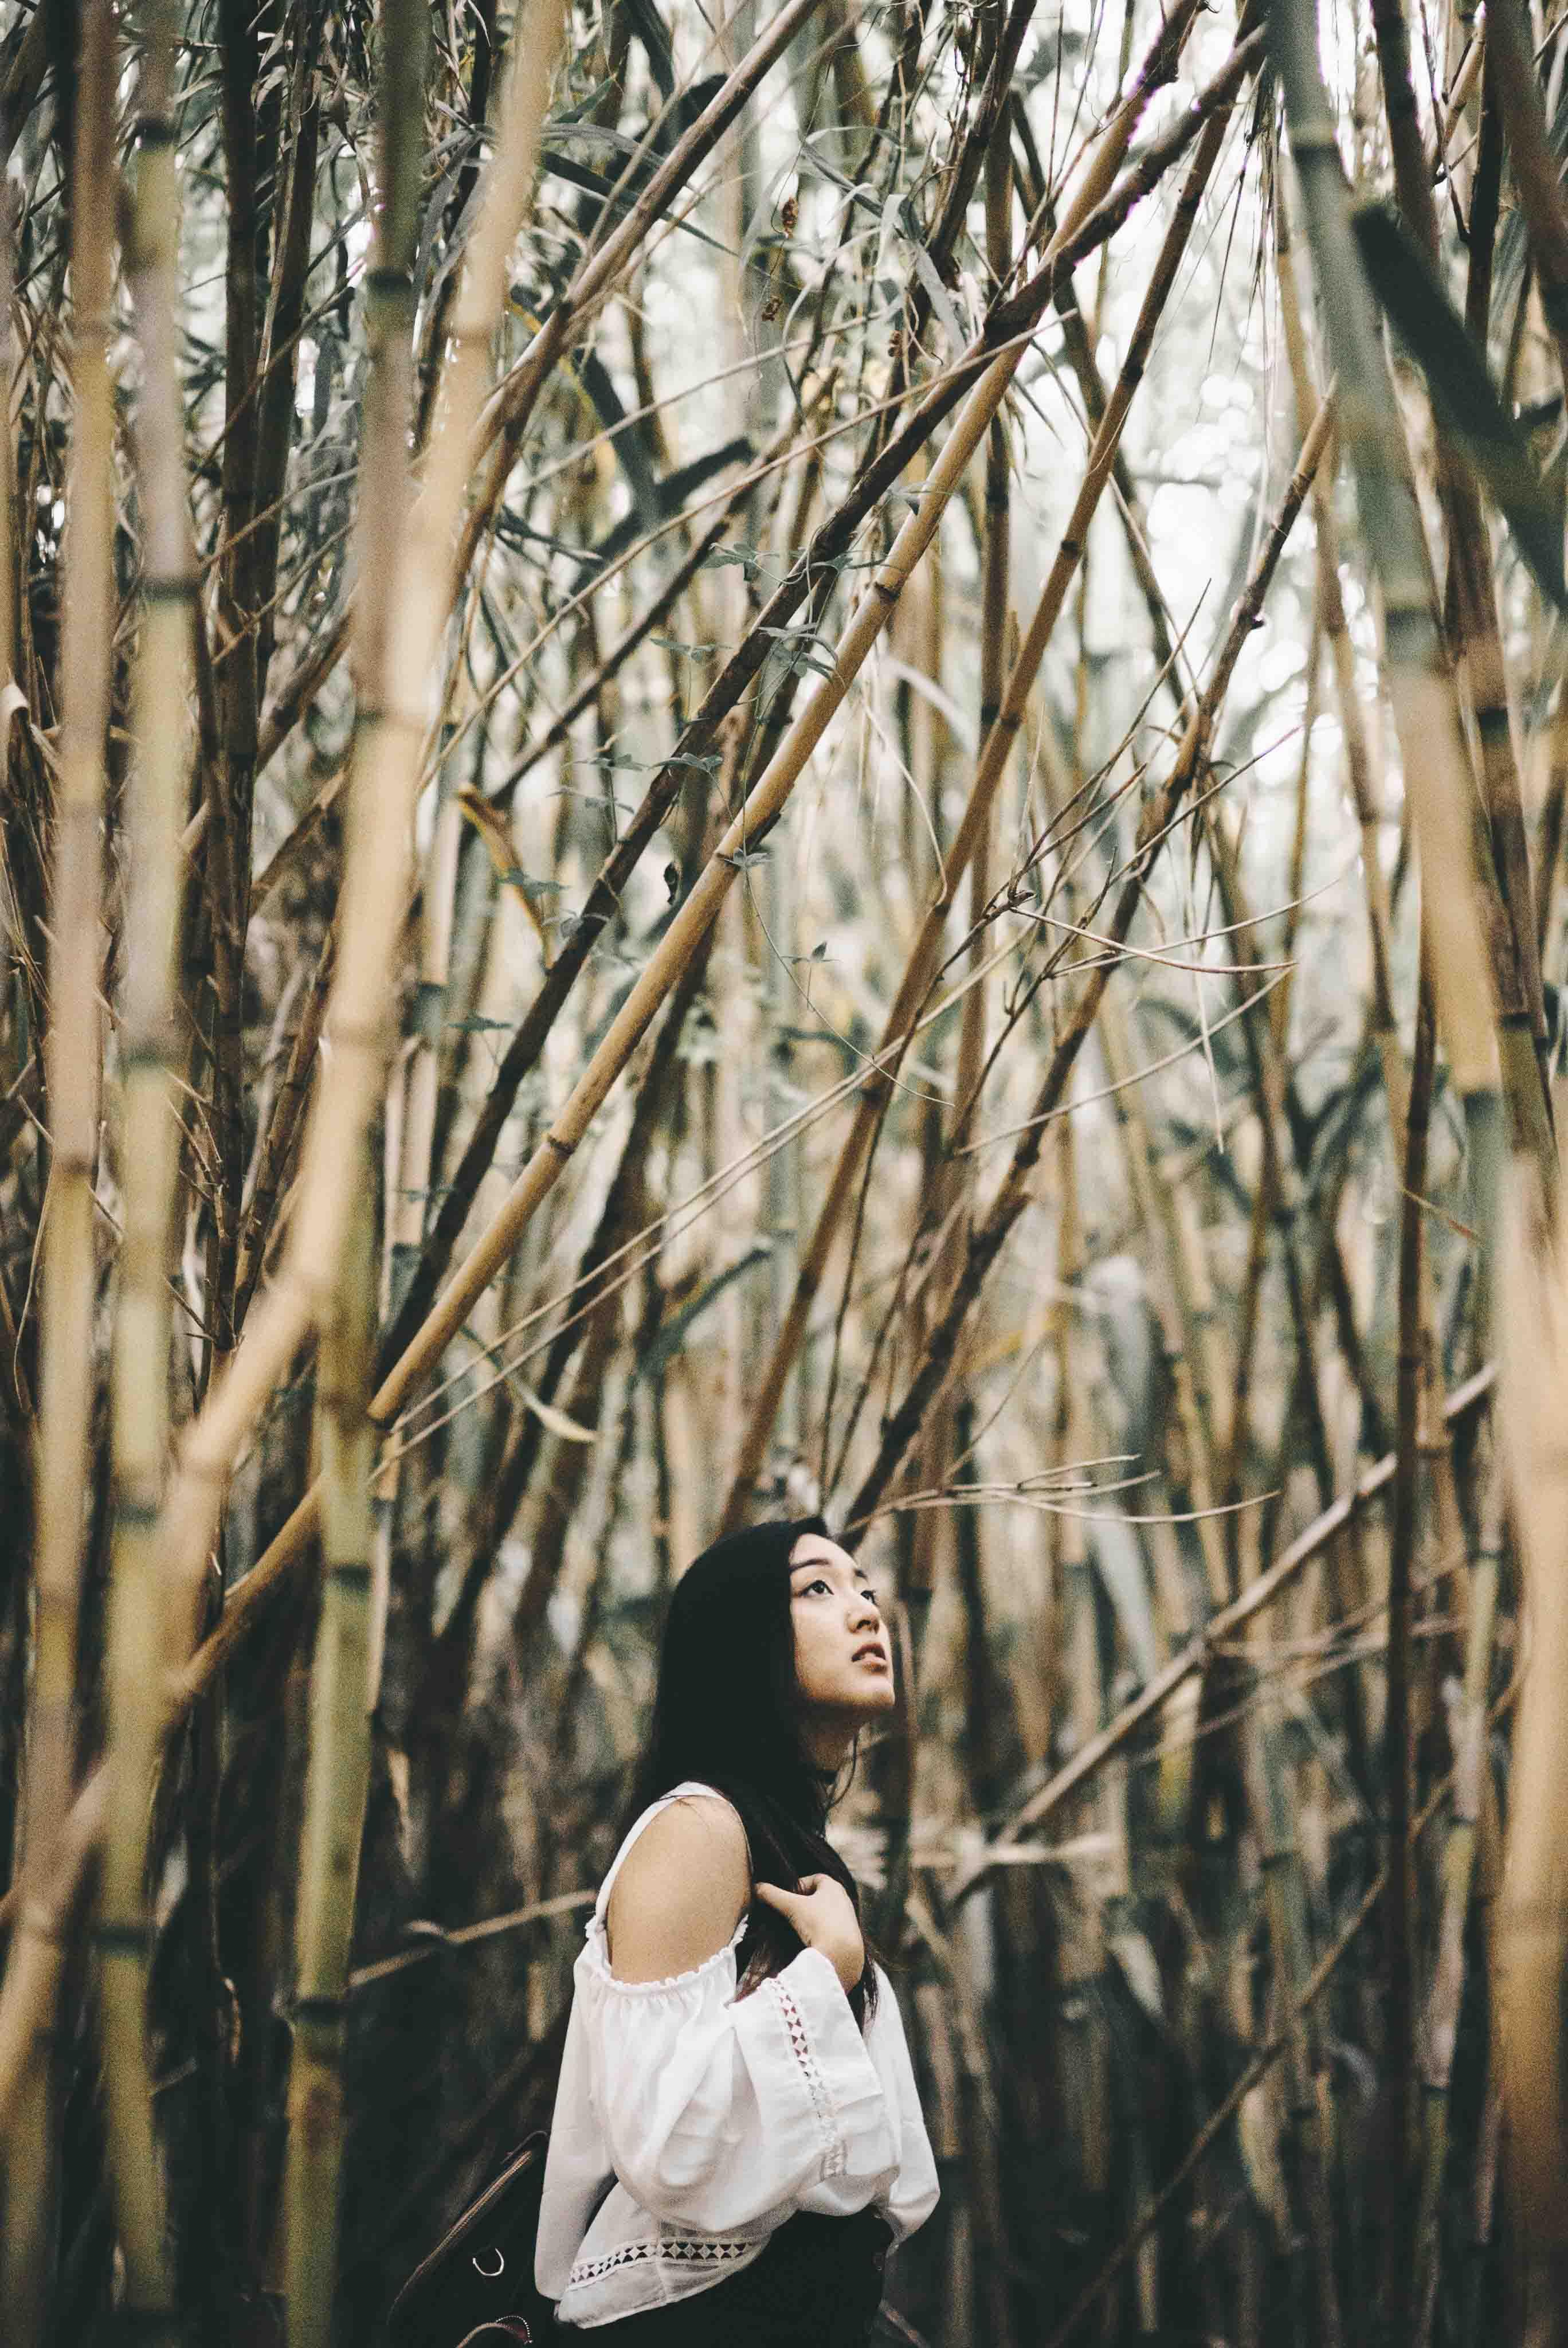 người hướng nội trong rừng tre